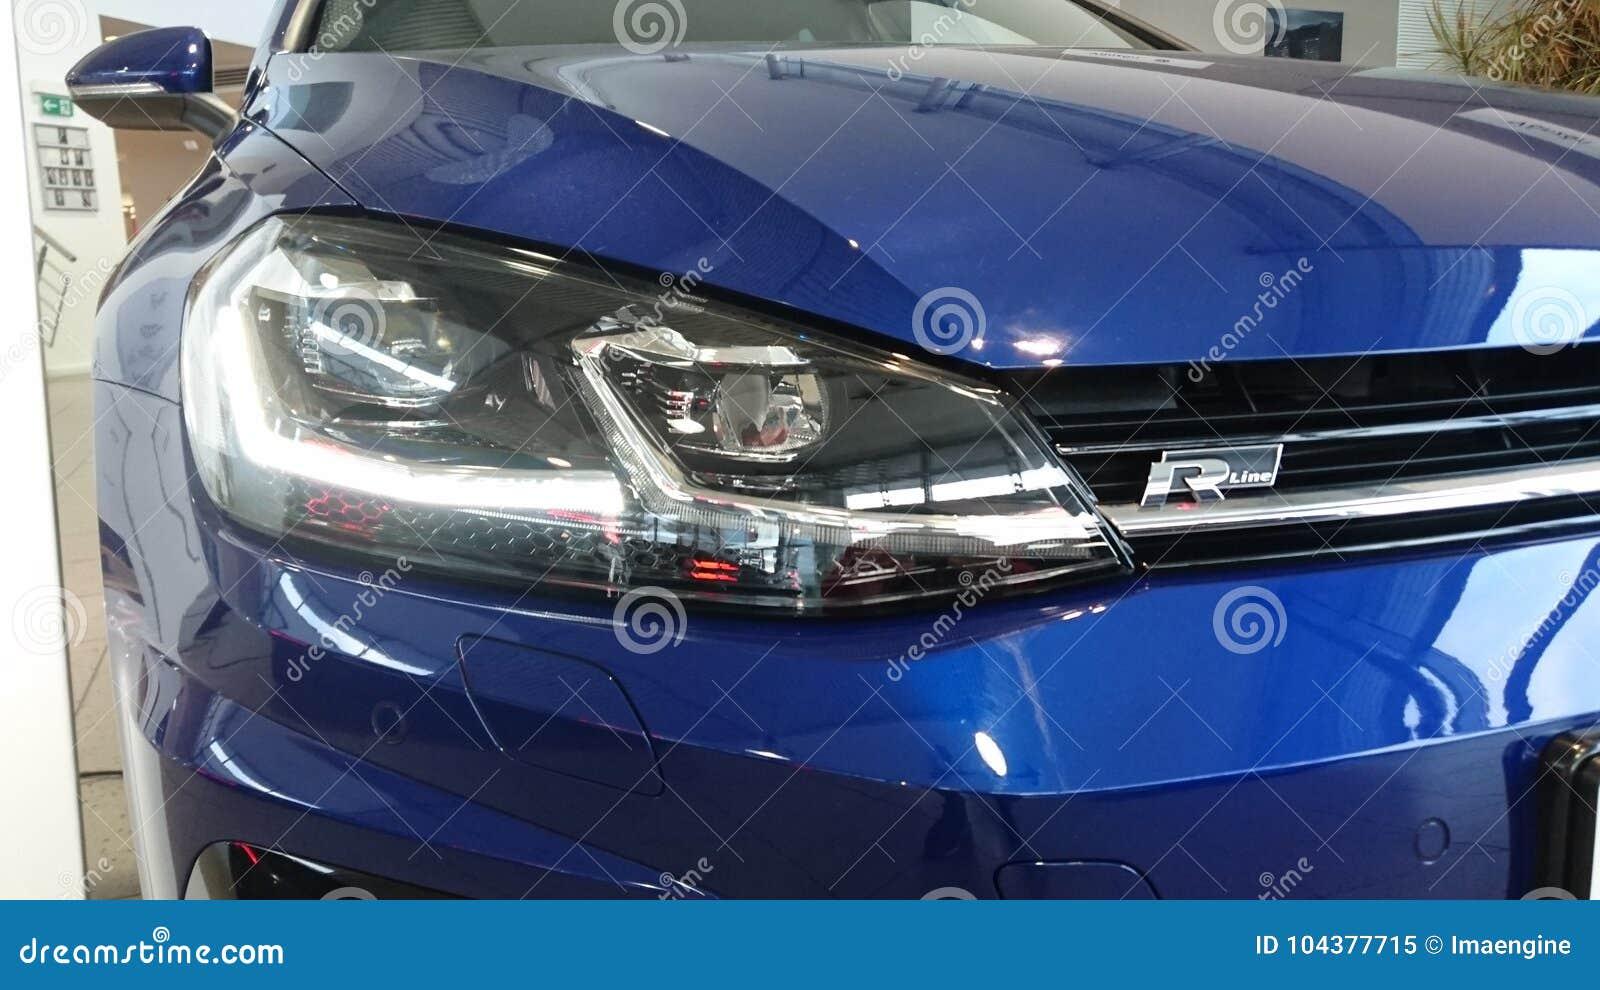 Le golf VII de VW 7 R a mené le détail léger principal